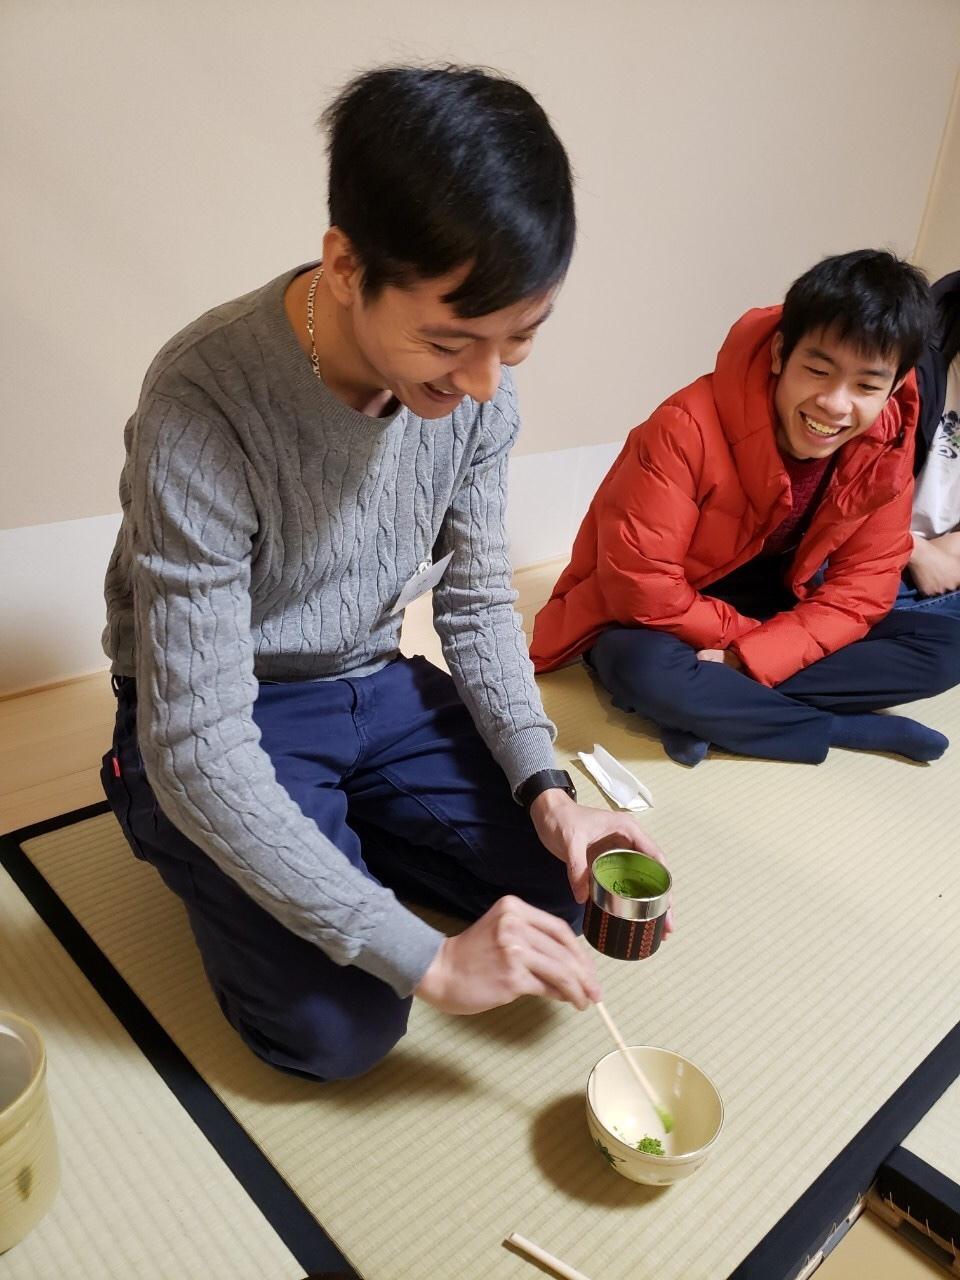 日曜朝教室(2019.12.22)お茶会🍵_e0175020_10025712.jpeg